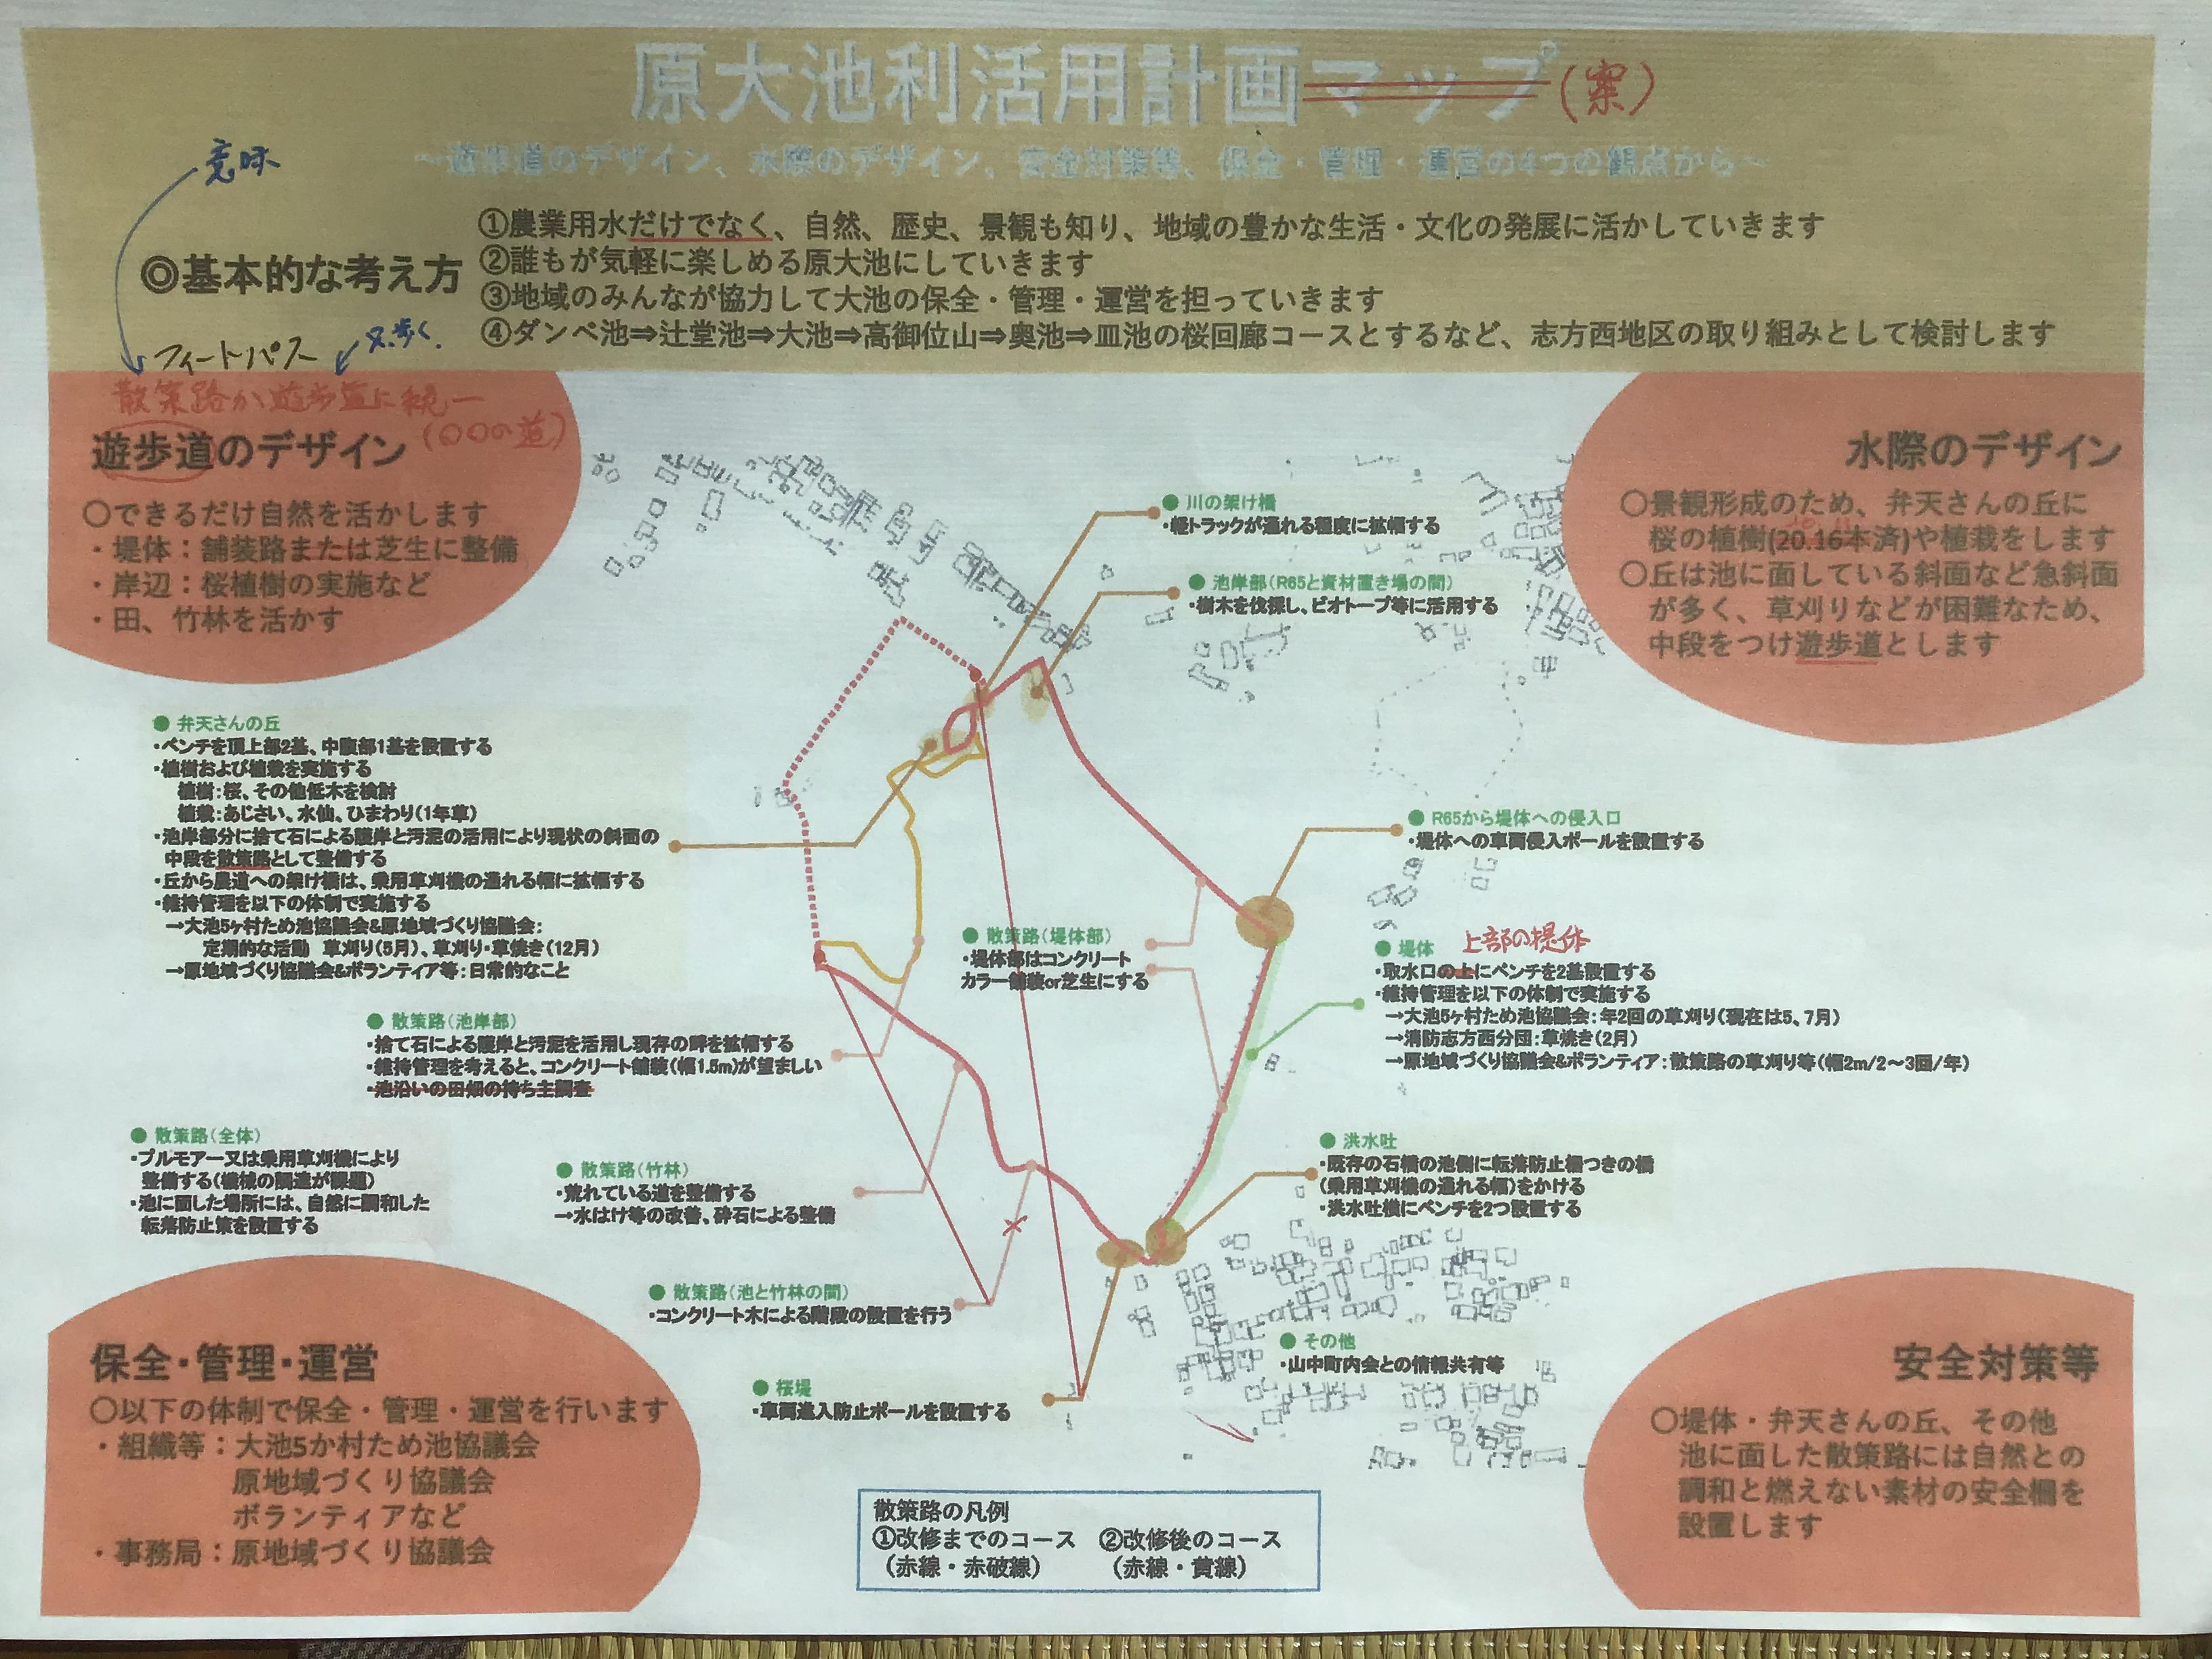 原大池利活用計画(案)